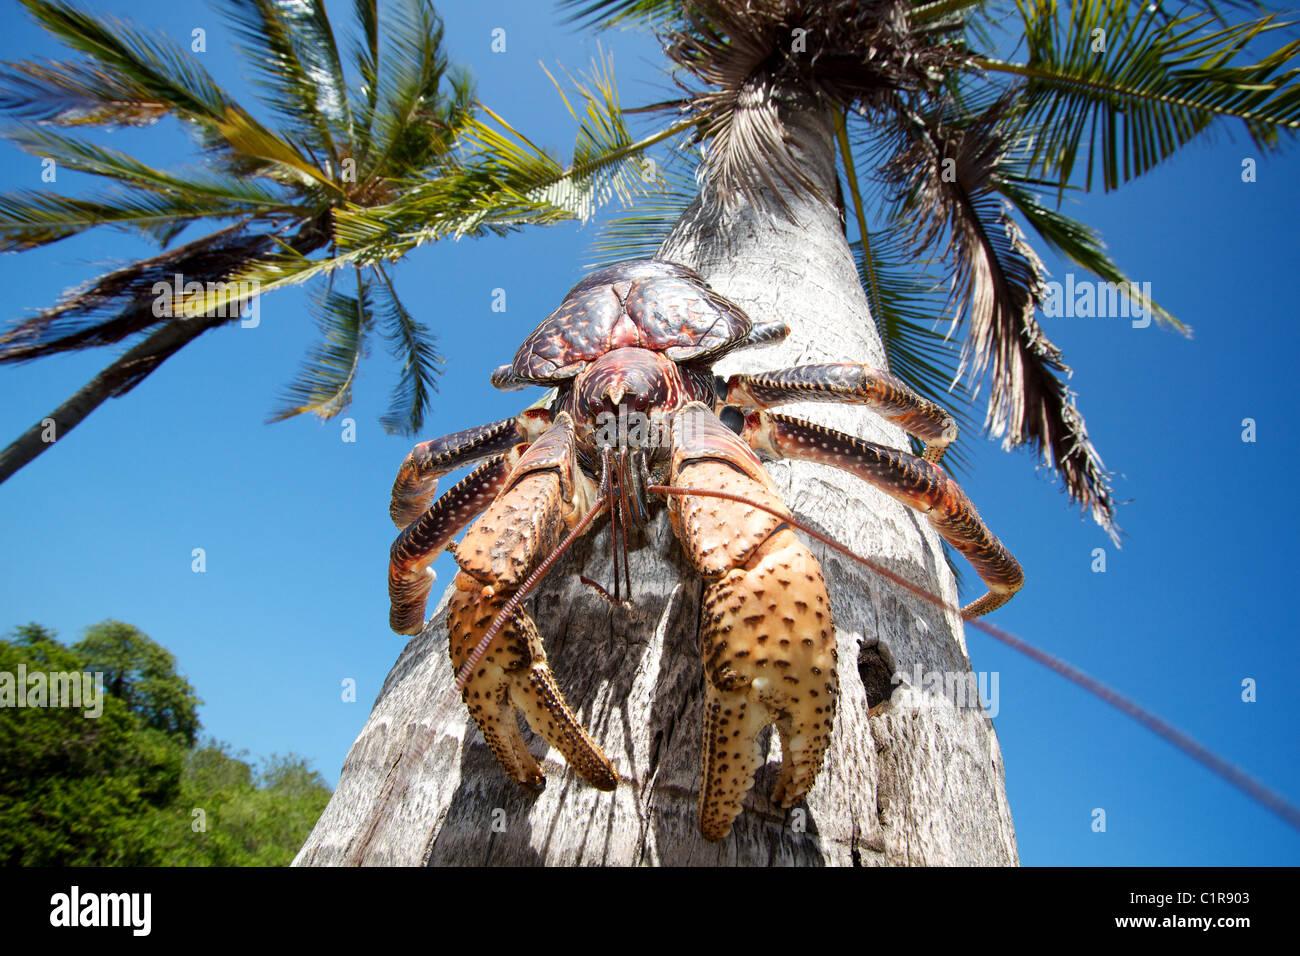 Coconut crab, Birgus latro Mbudya Island Tanzania - Stock Image